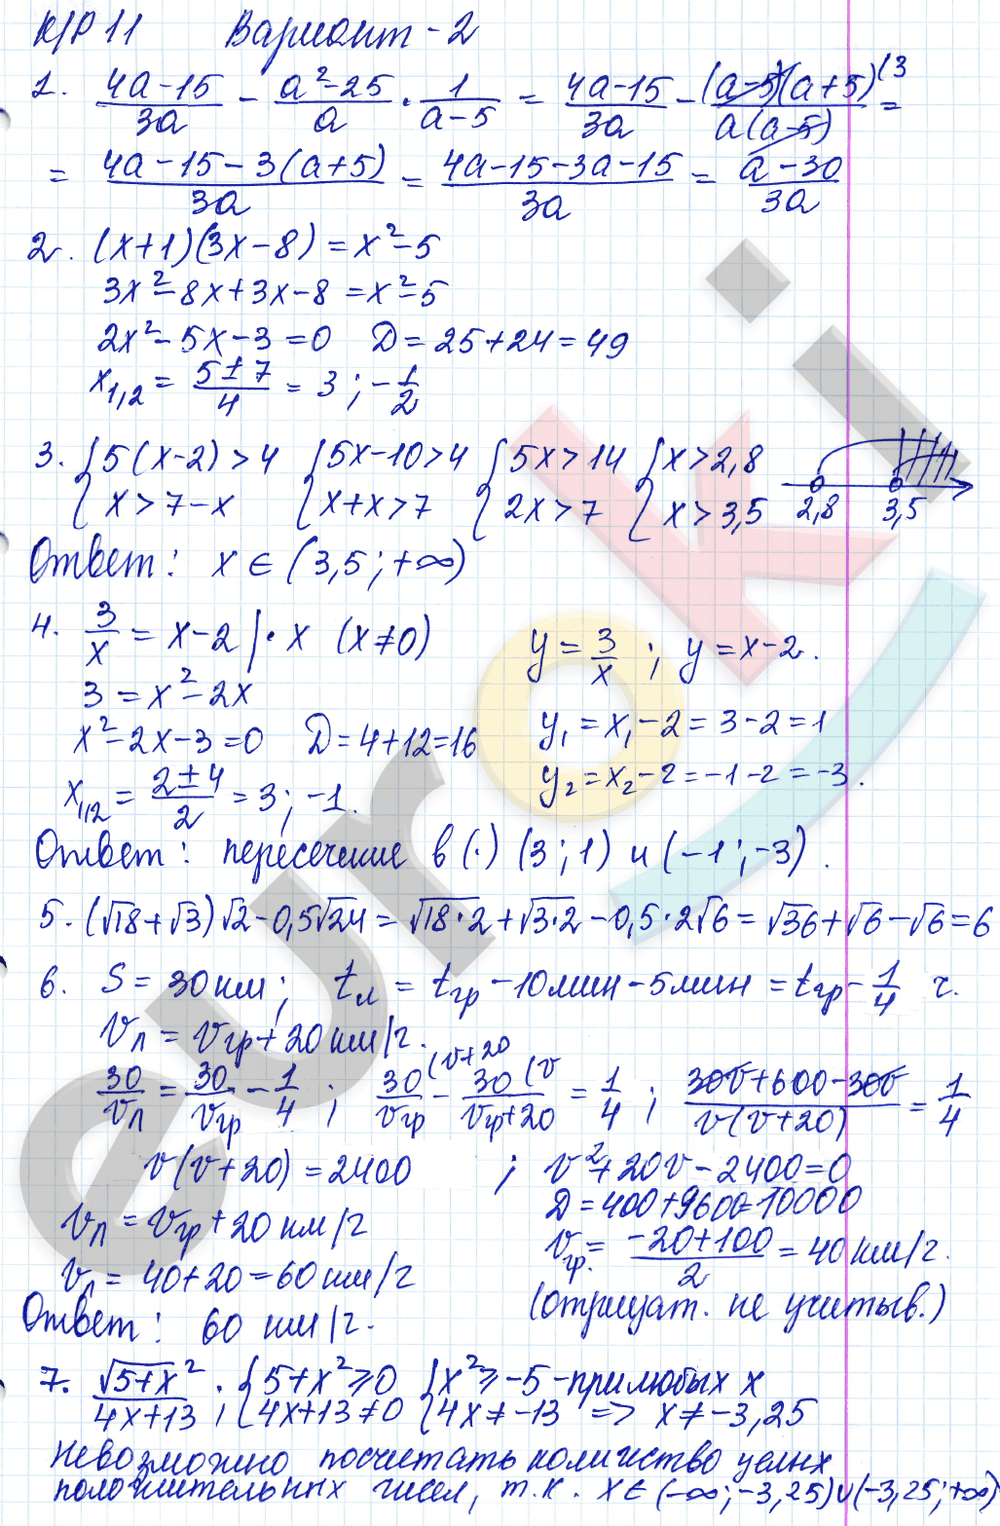 ГДЗ по алгебре 8 класс контрольные работы Дудницын, Кронгауз КР-11. Итоговая контрольная работа. Задание: Вариант 2